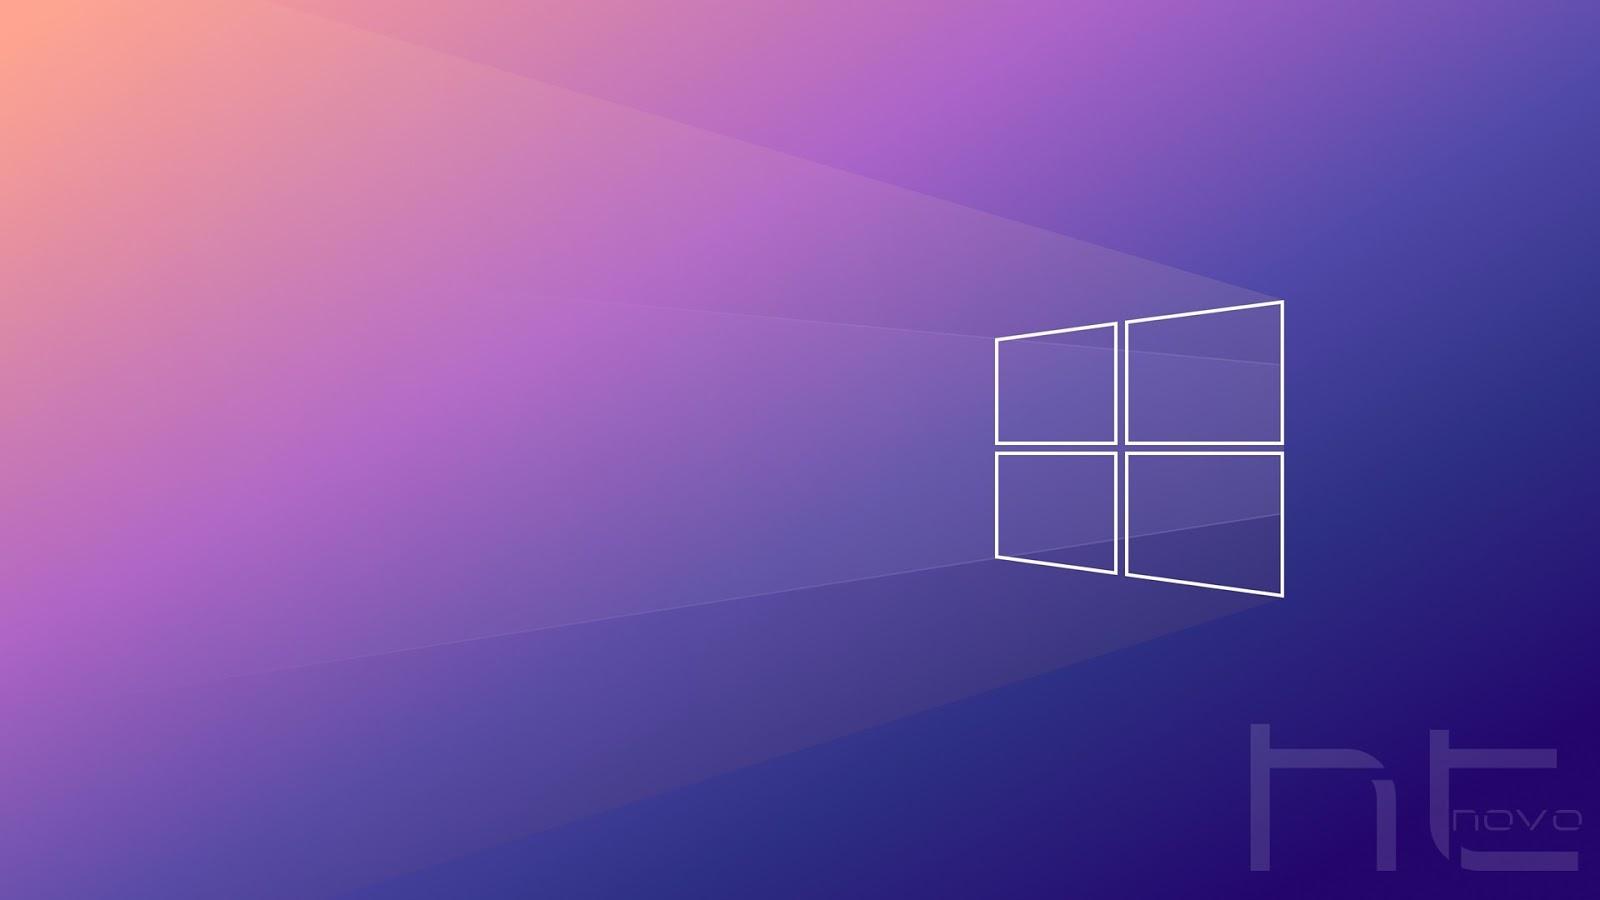 Aggiornamento per Windows 10 Versione 2004 - Build 19041.508